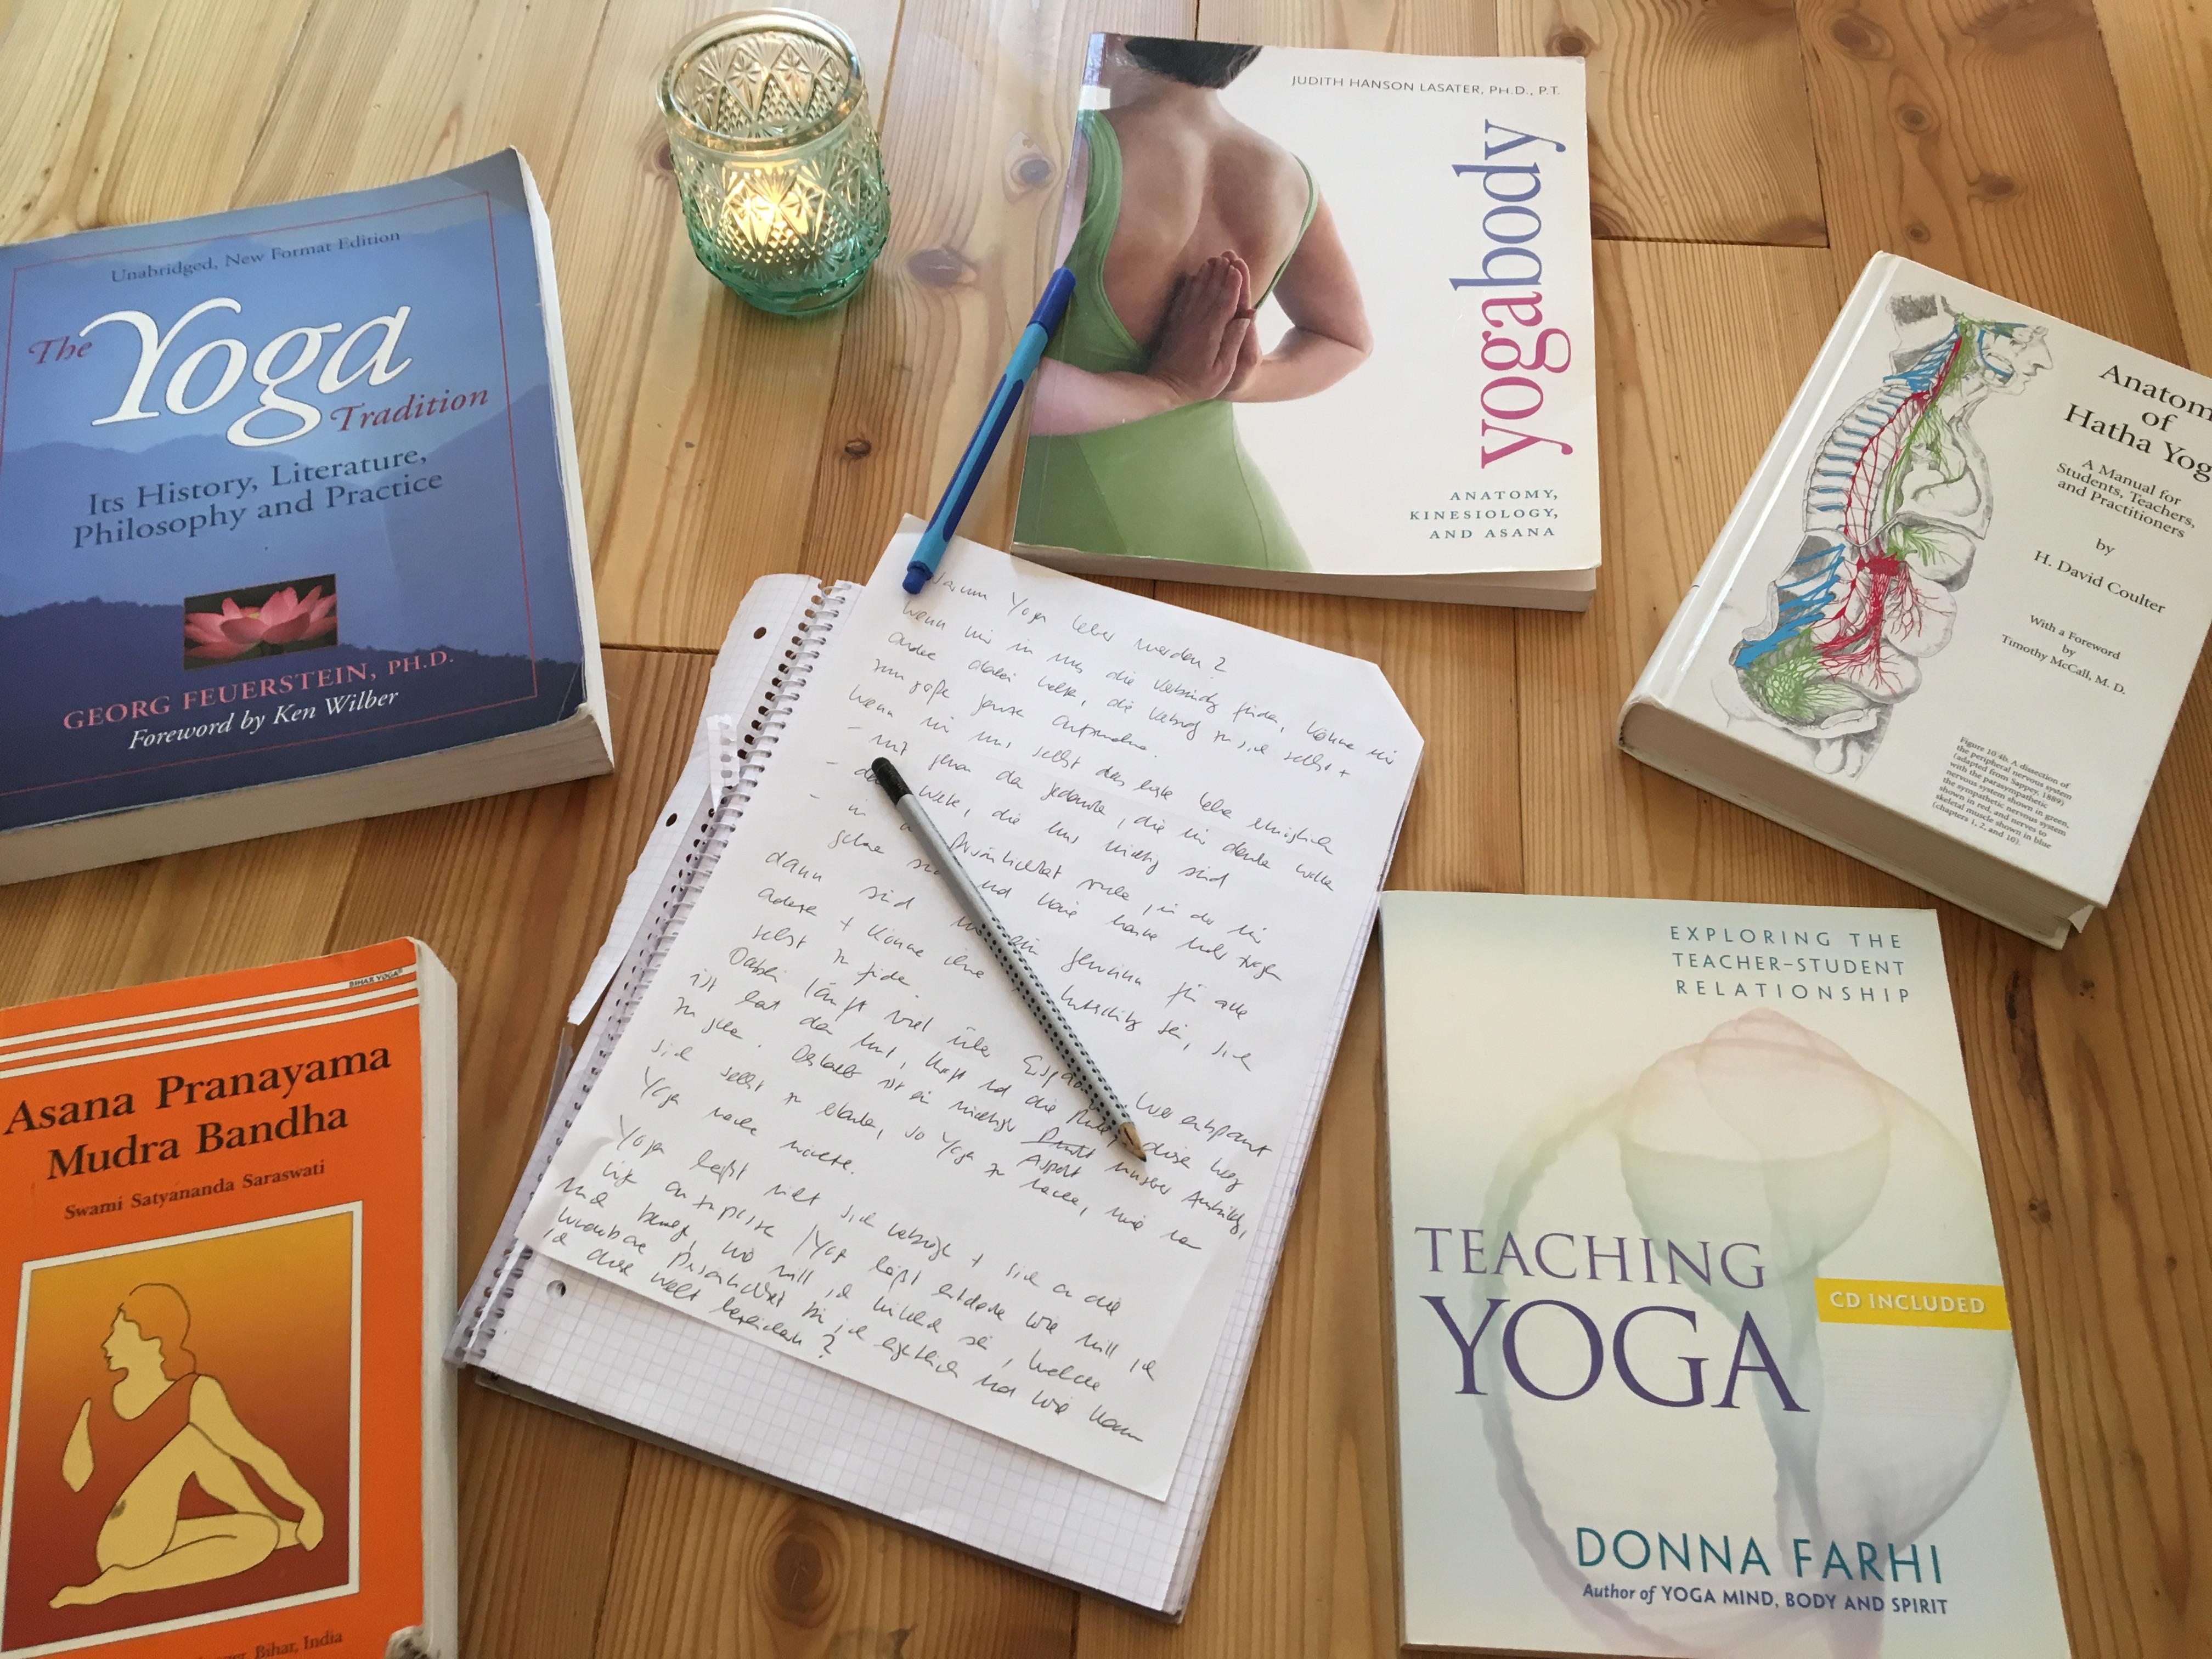 Theorie Unterricht in der Yogalehrer Ausbildung. Yogastudio die Matte